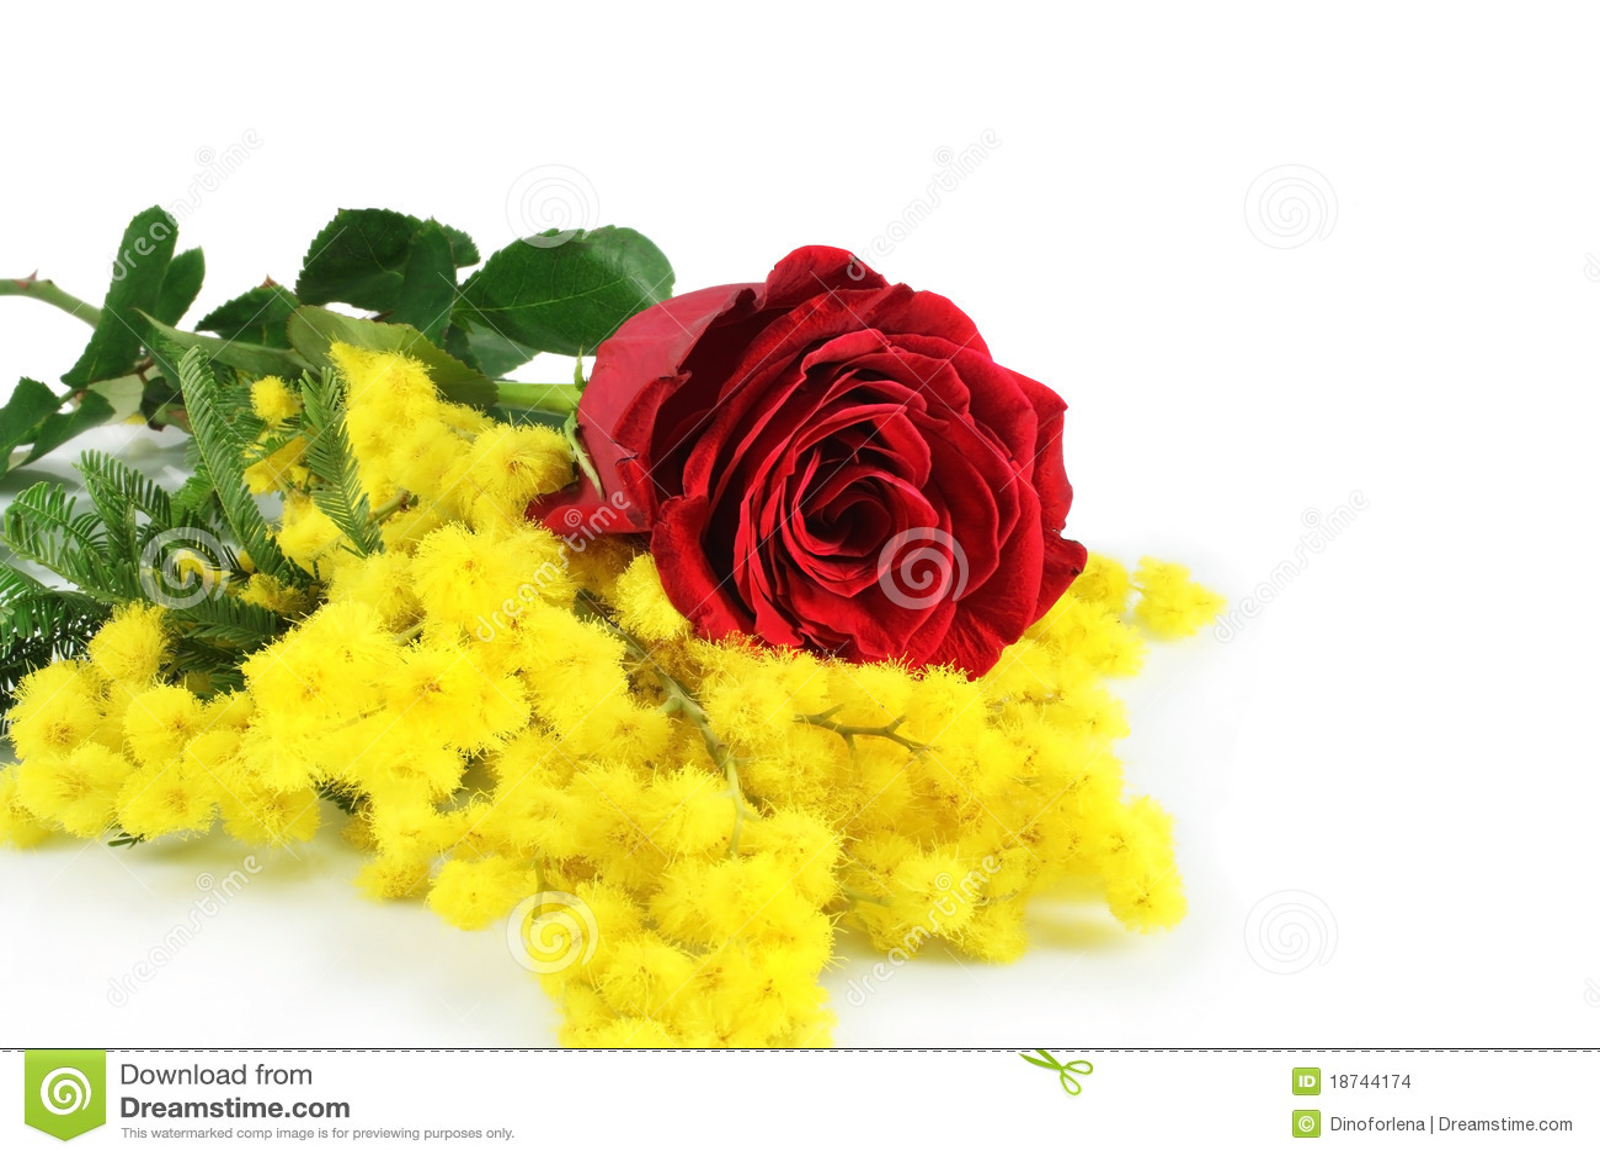 Rosa e mimosa immagini stock immagine 18744174 for Disegni del mazzo del secondo piano